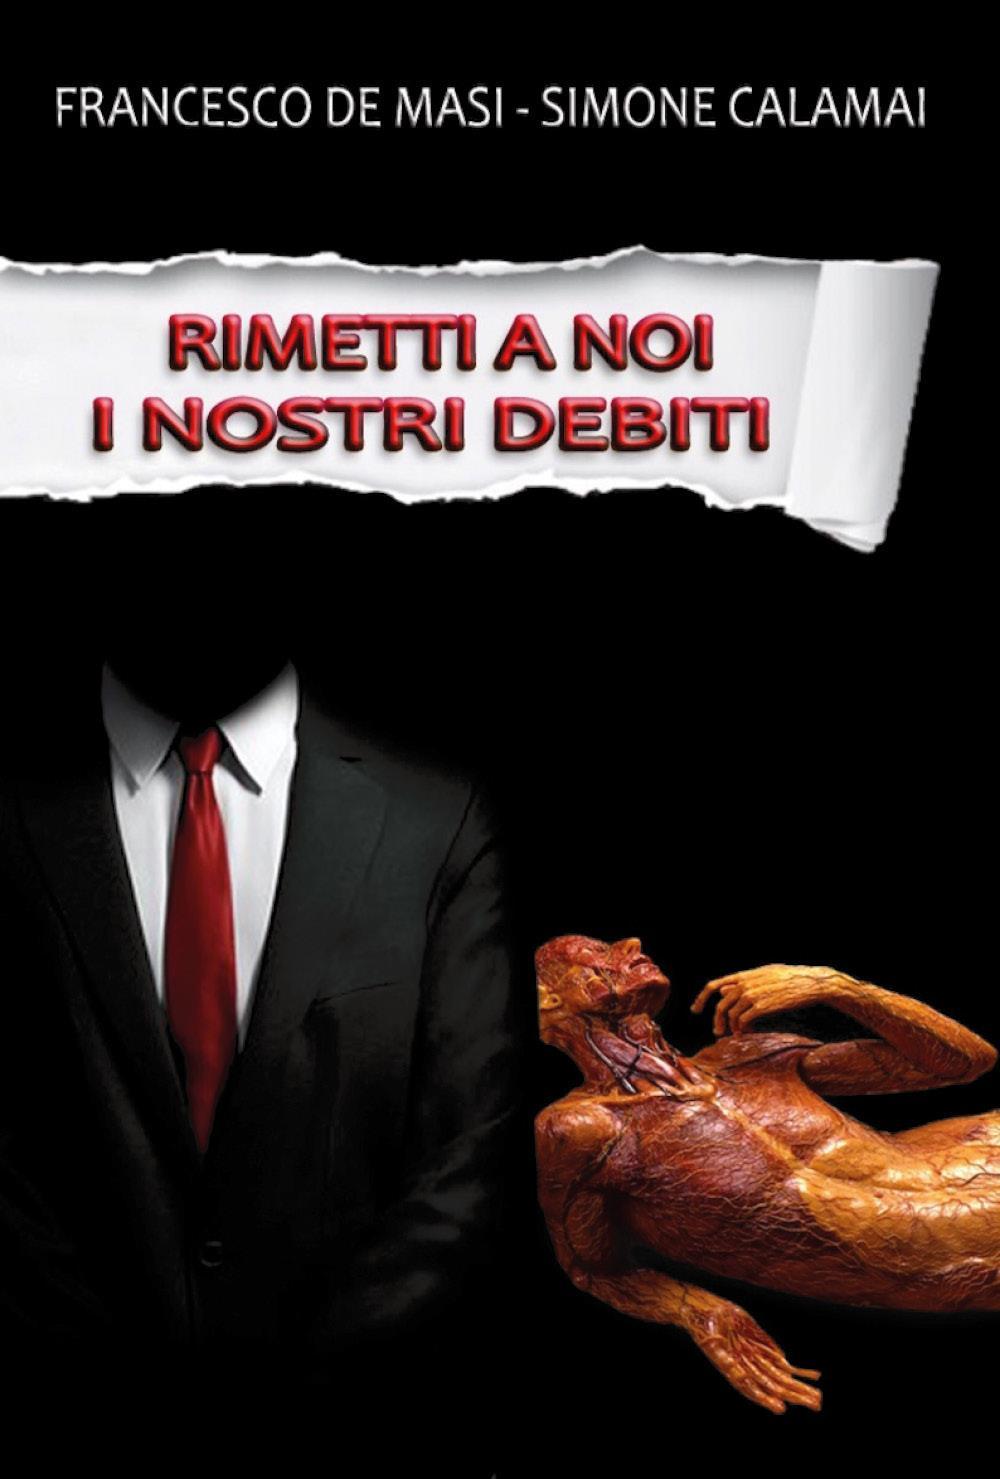 Rimetti a noi i nostri debiti